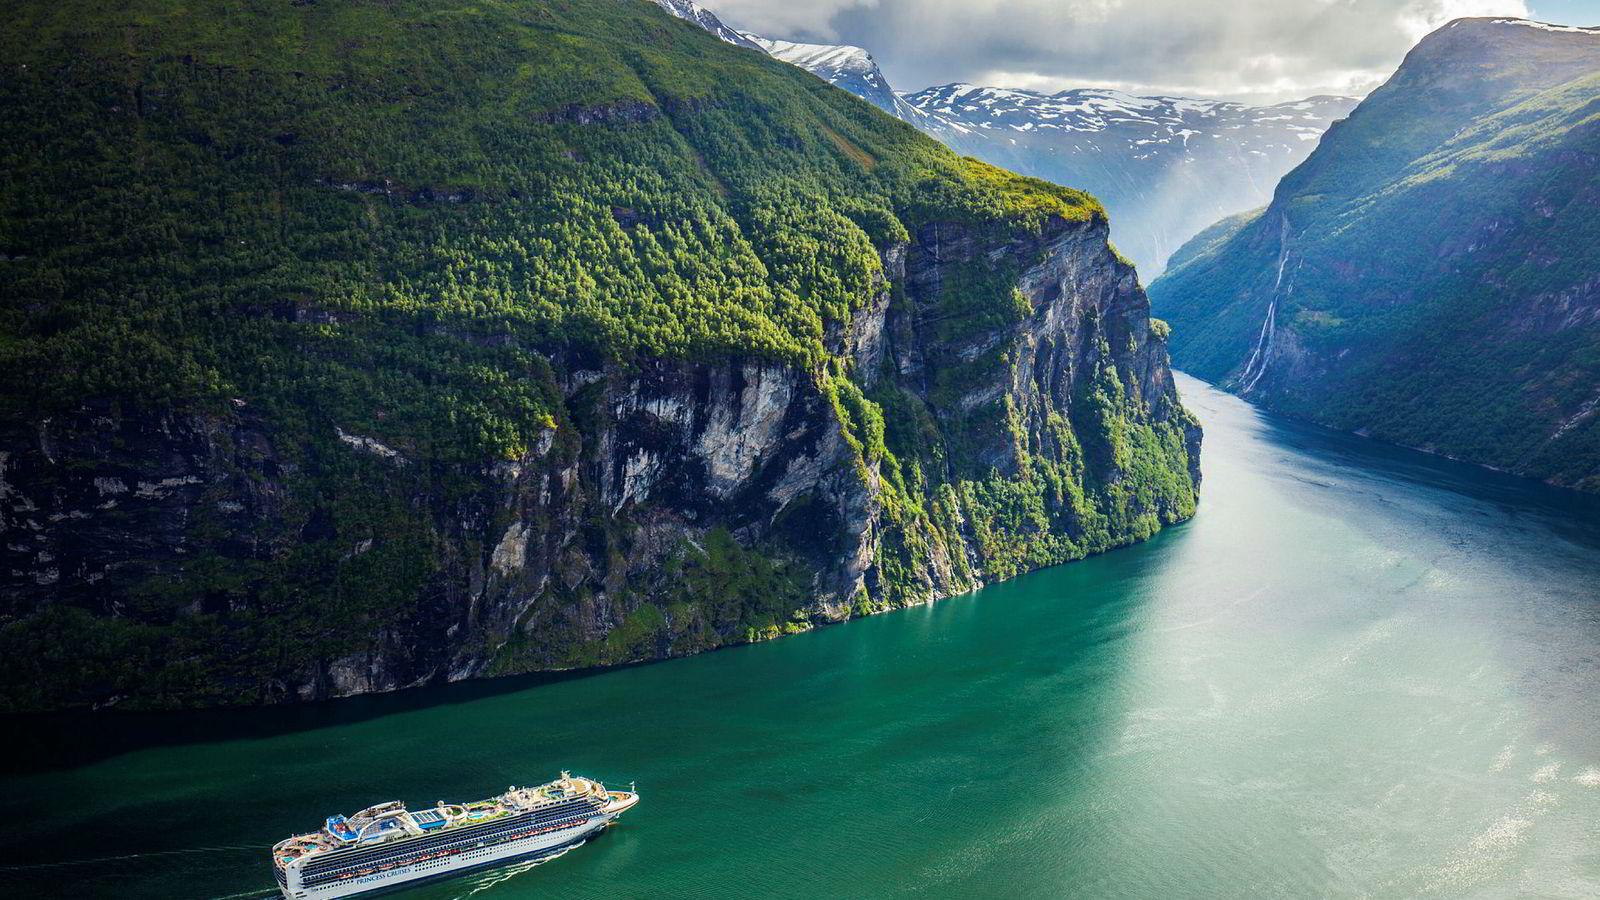 Cruiseskipet Sapphire Princess, eid av Princess Cruises, på vei ut Geirangerfjorden i Møre og Romsdal. Foto: Halvard Alvik / NTB scanpix